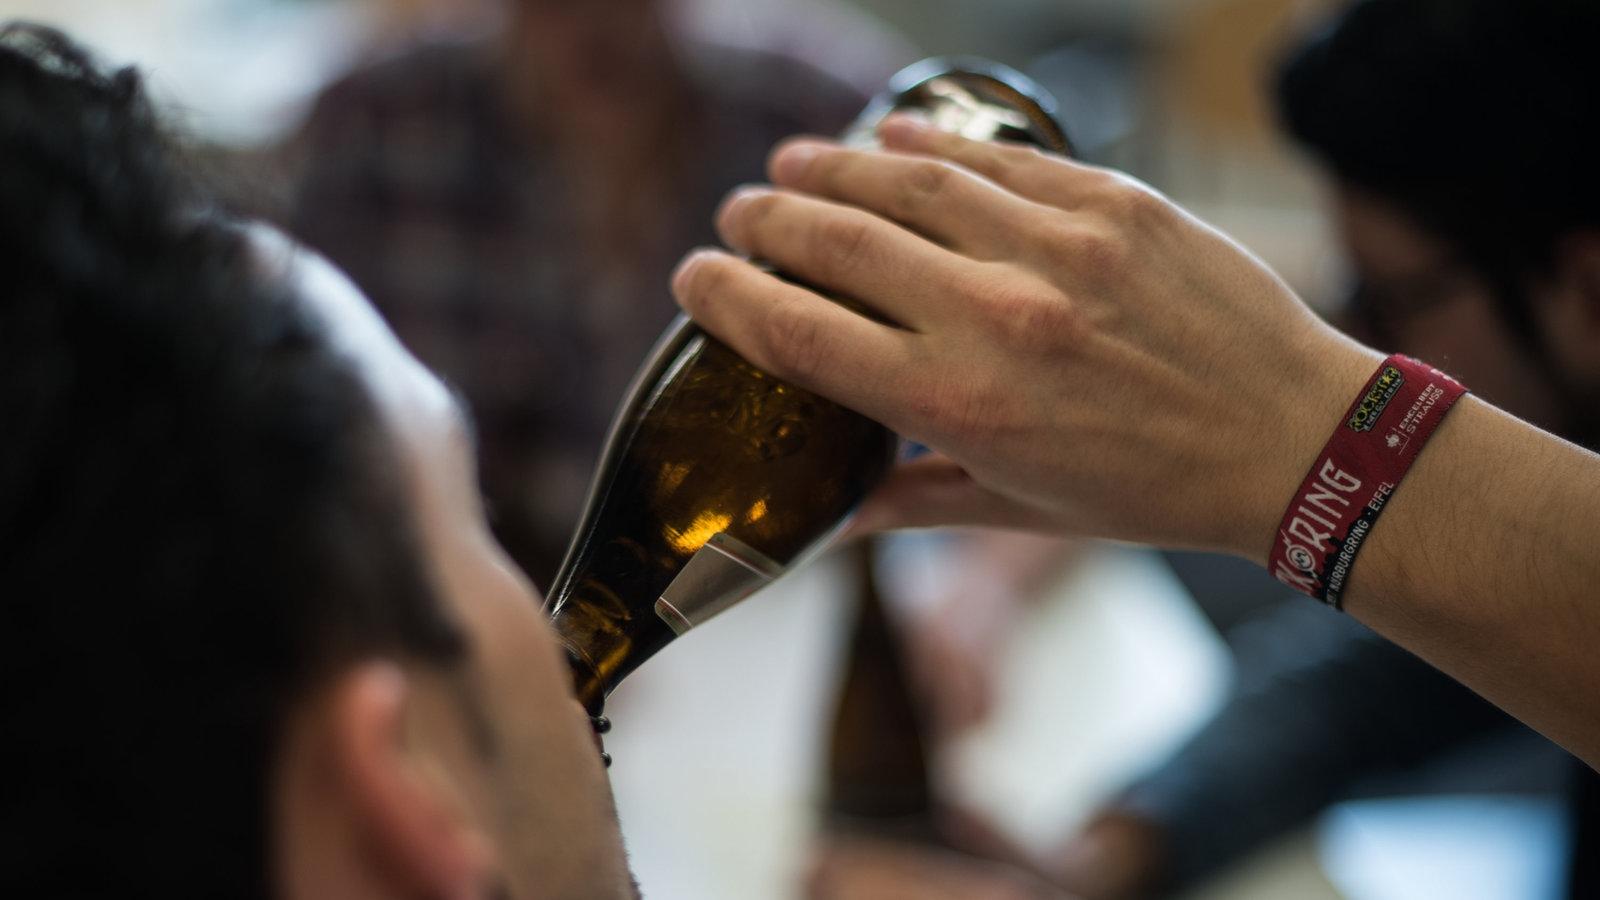 Kann ich Bier trinken, während ich versuche, Gewicht zu verlieren?